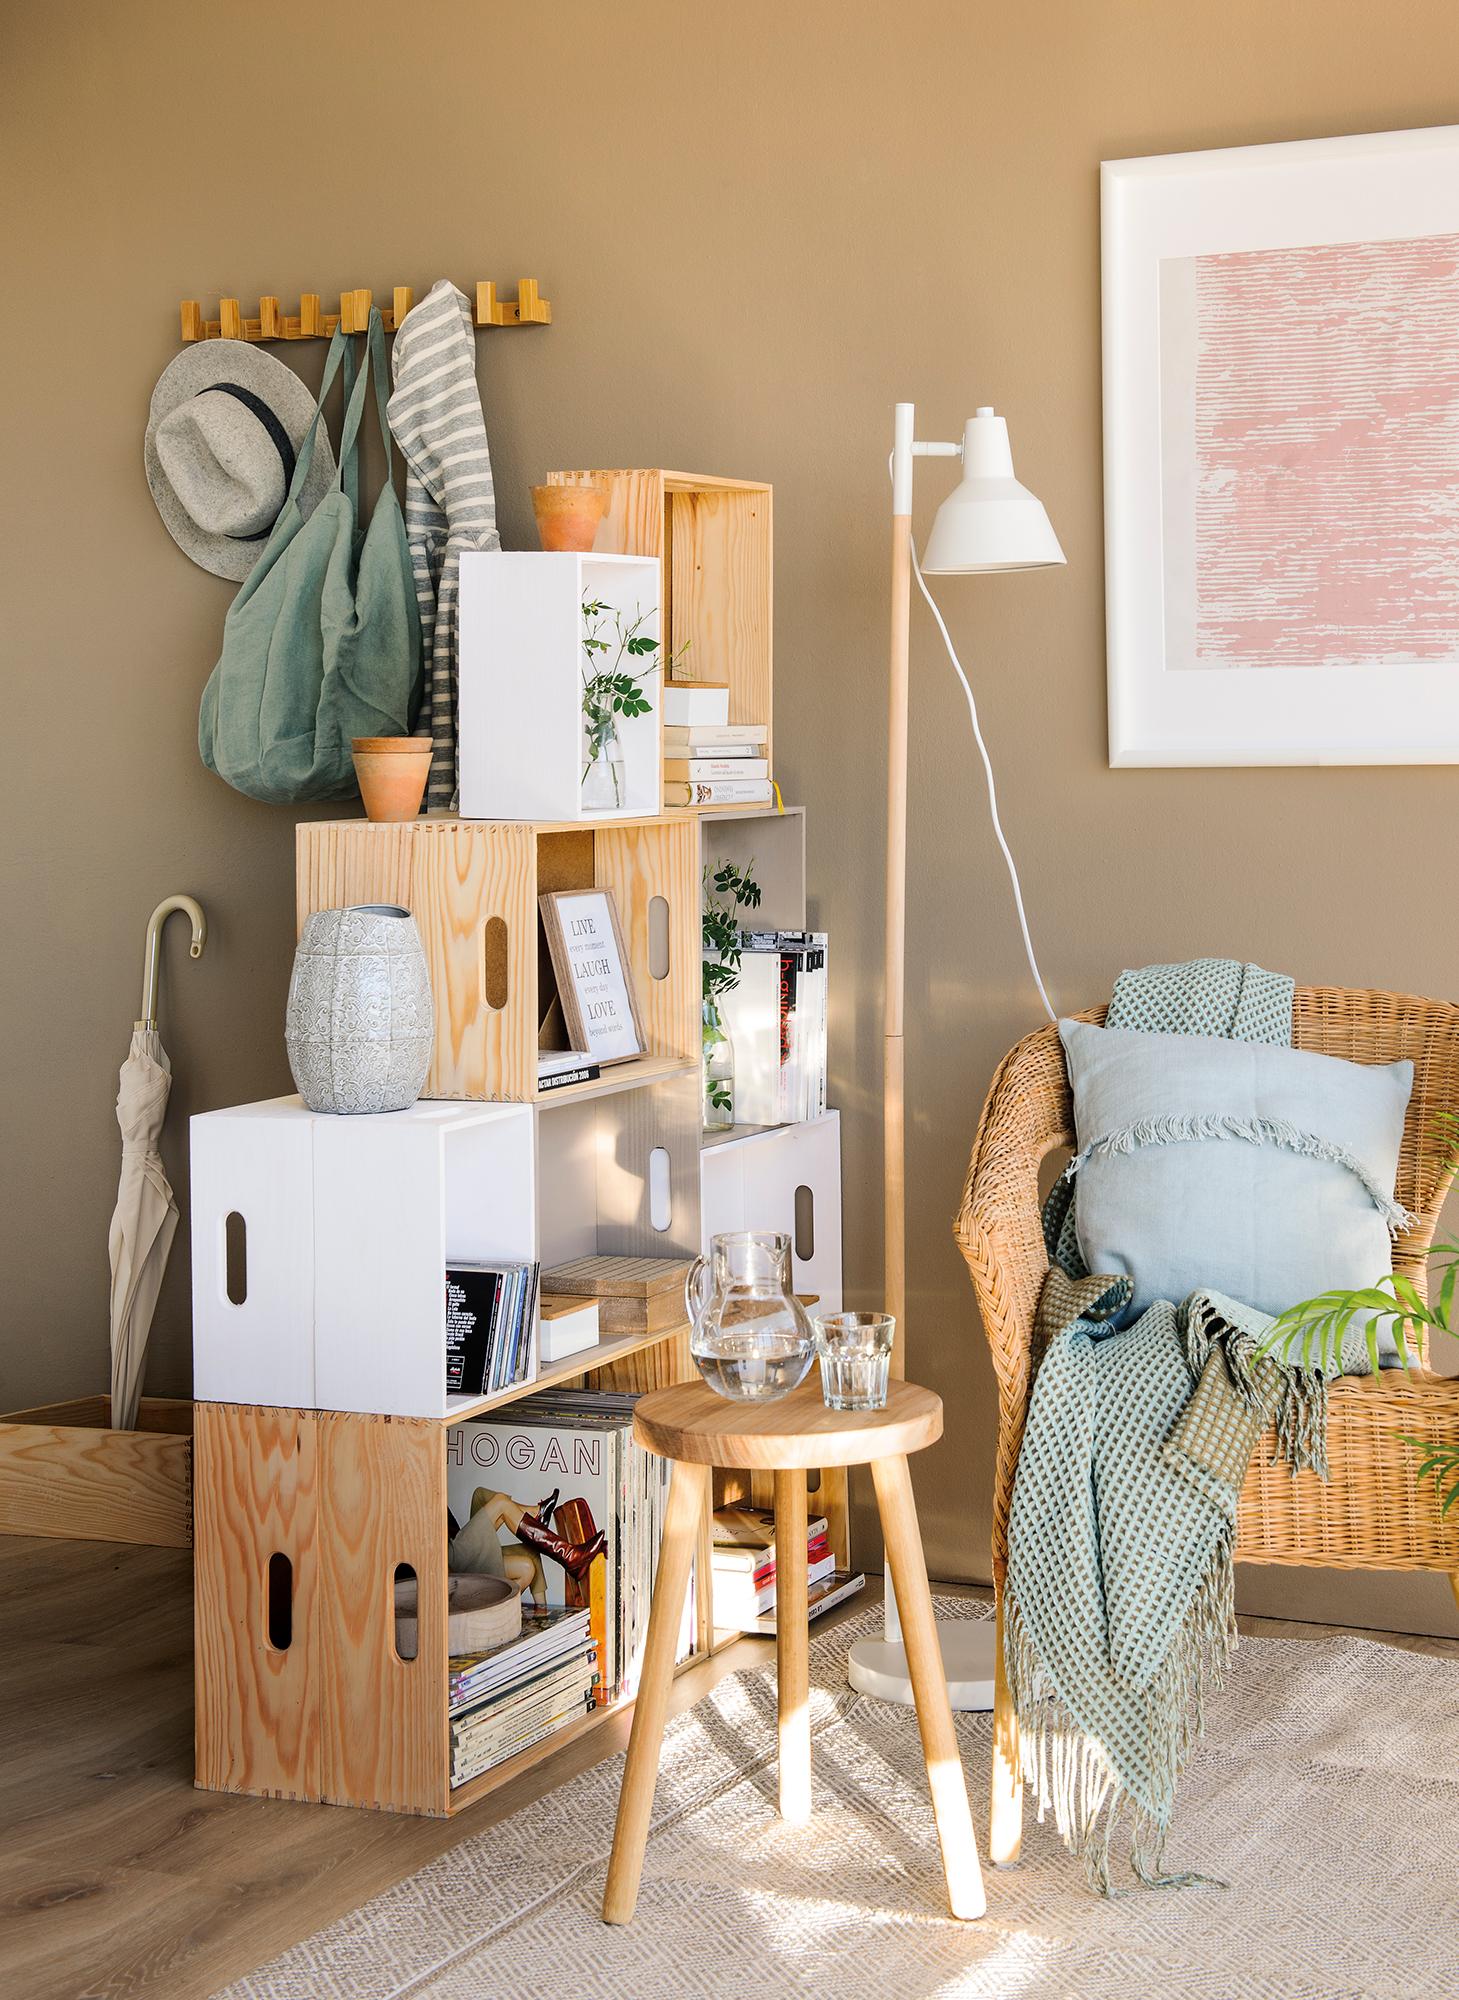 Librer as de todos los estilos en el mueble - Muebles estanterias de madera ...